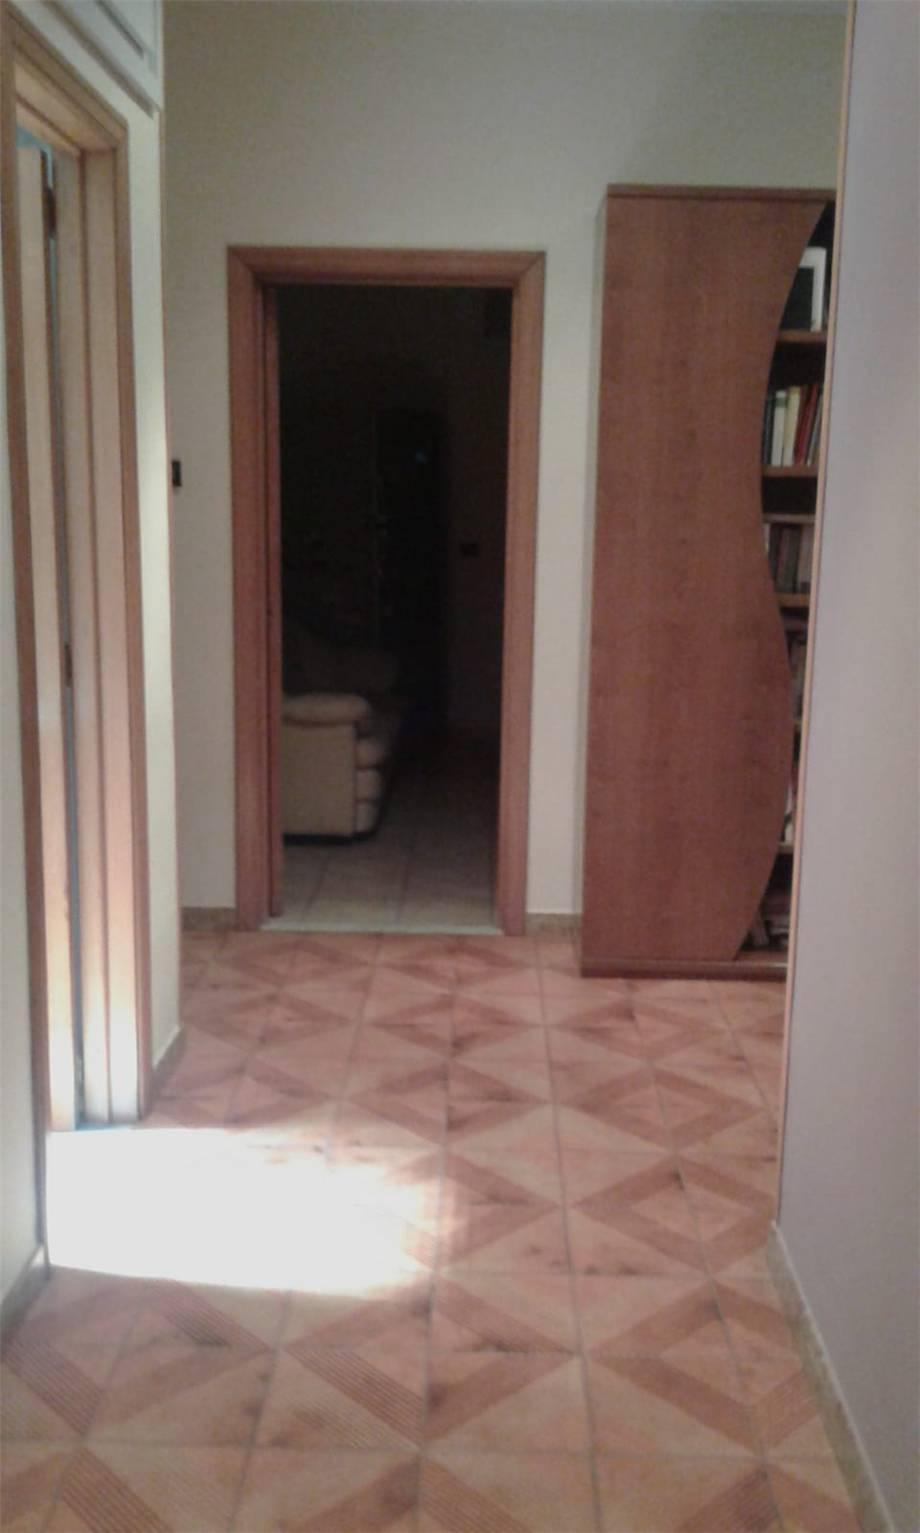 Verkauf Villa/Einzelhaus Rosolini  #31C n.5